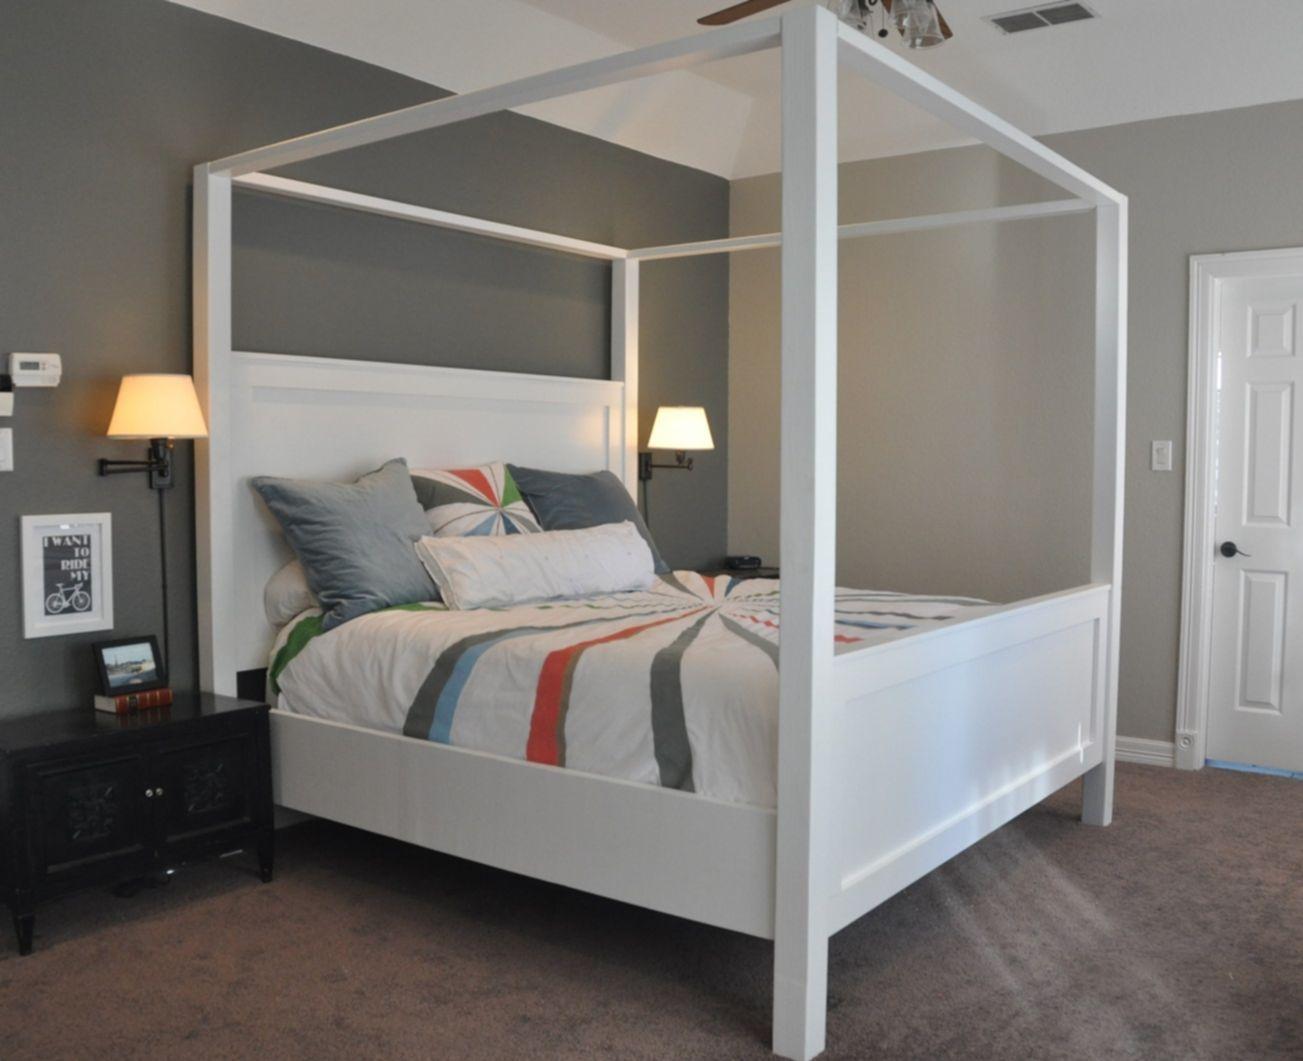 Top 20 Modern Farmhouse Bedding Design Ideas for